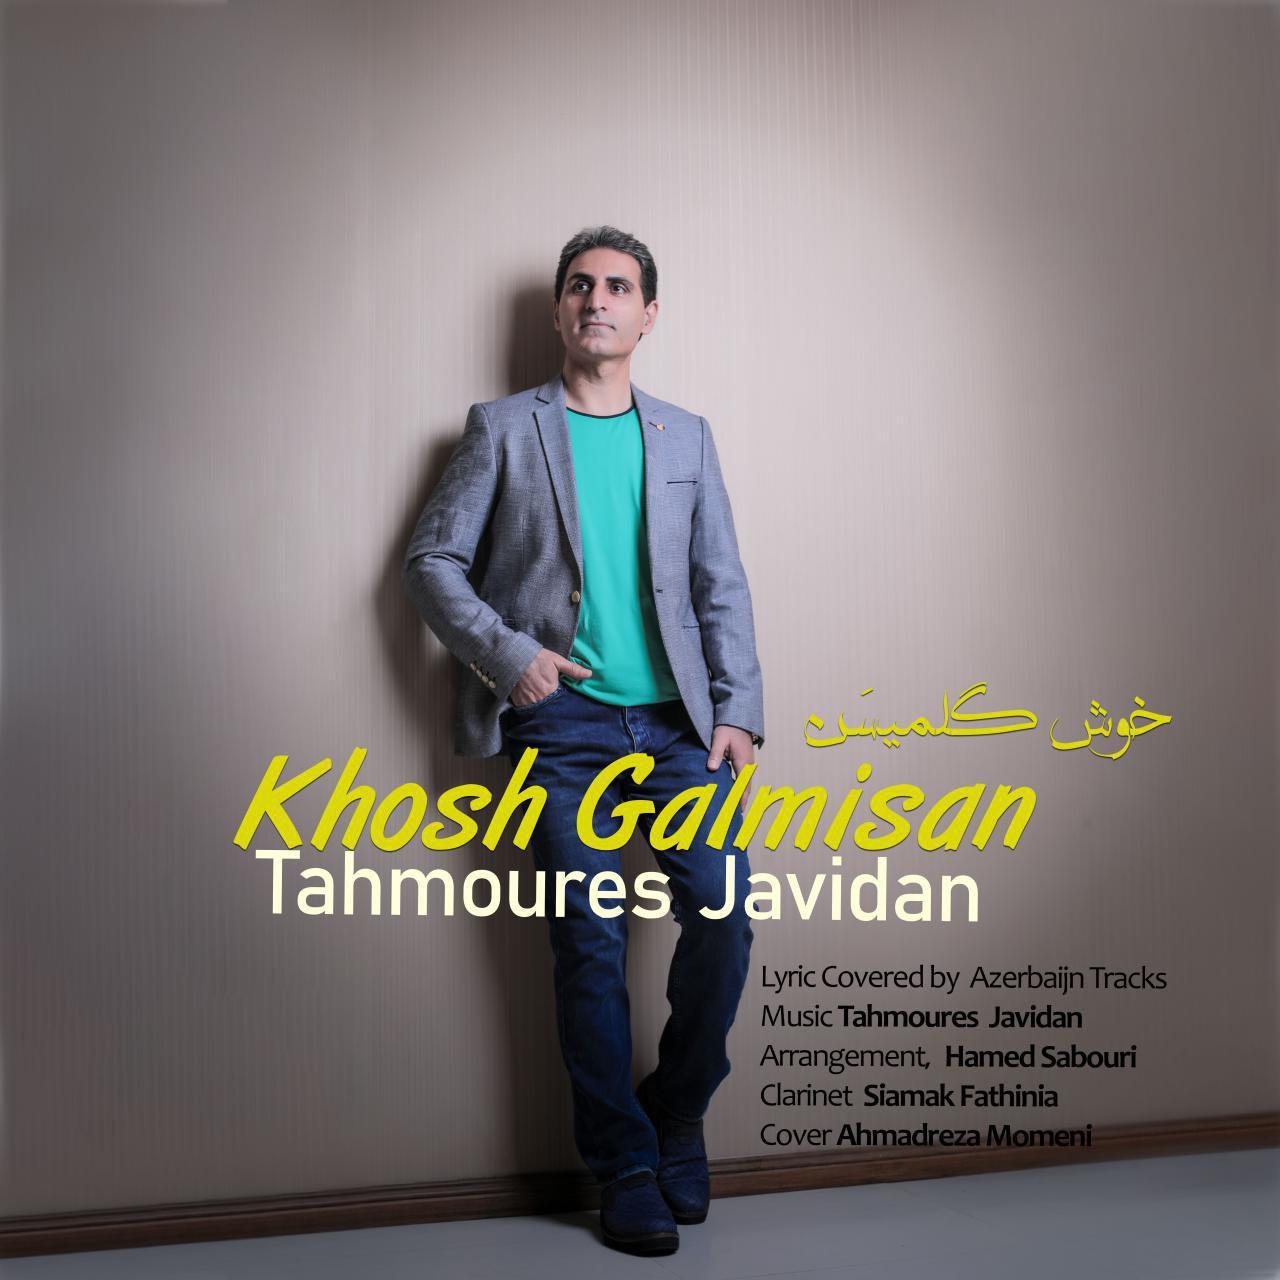 http://s5.picofile.com/file/8369351300/26Tahmoures_Javidan_Khosh_Galmisen.jpg